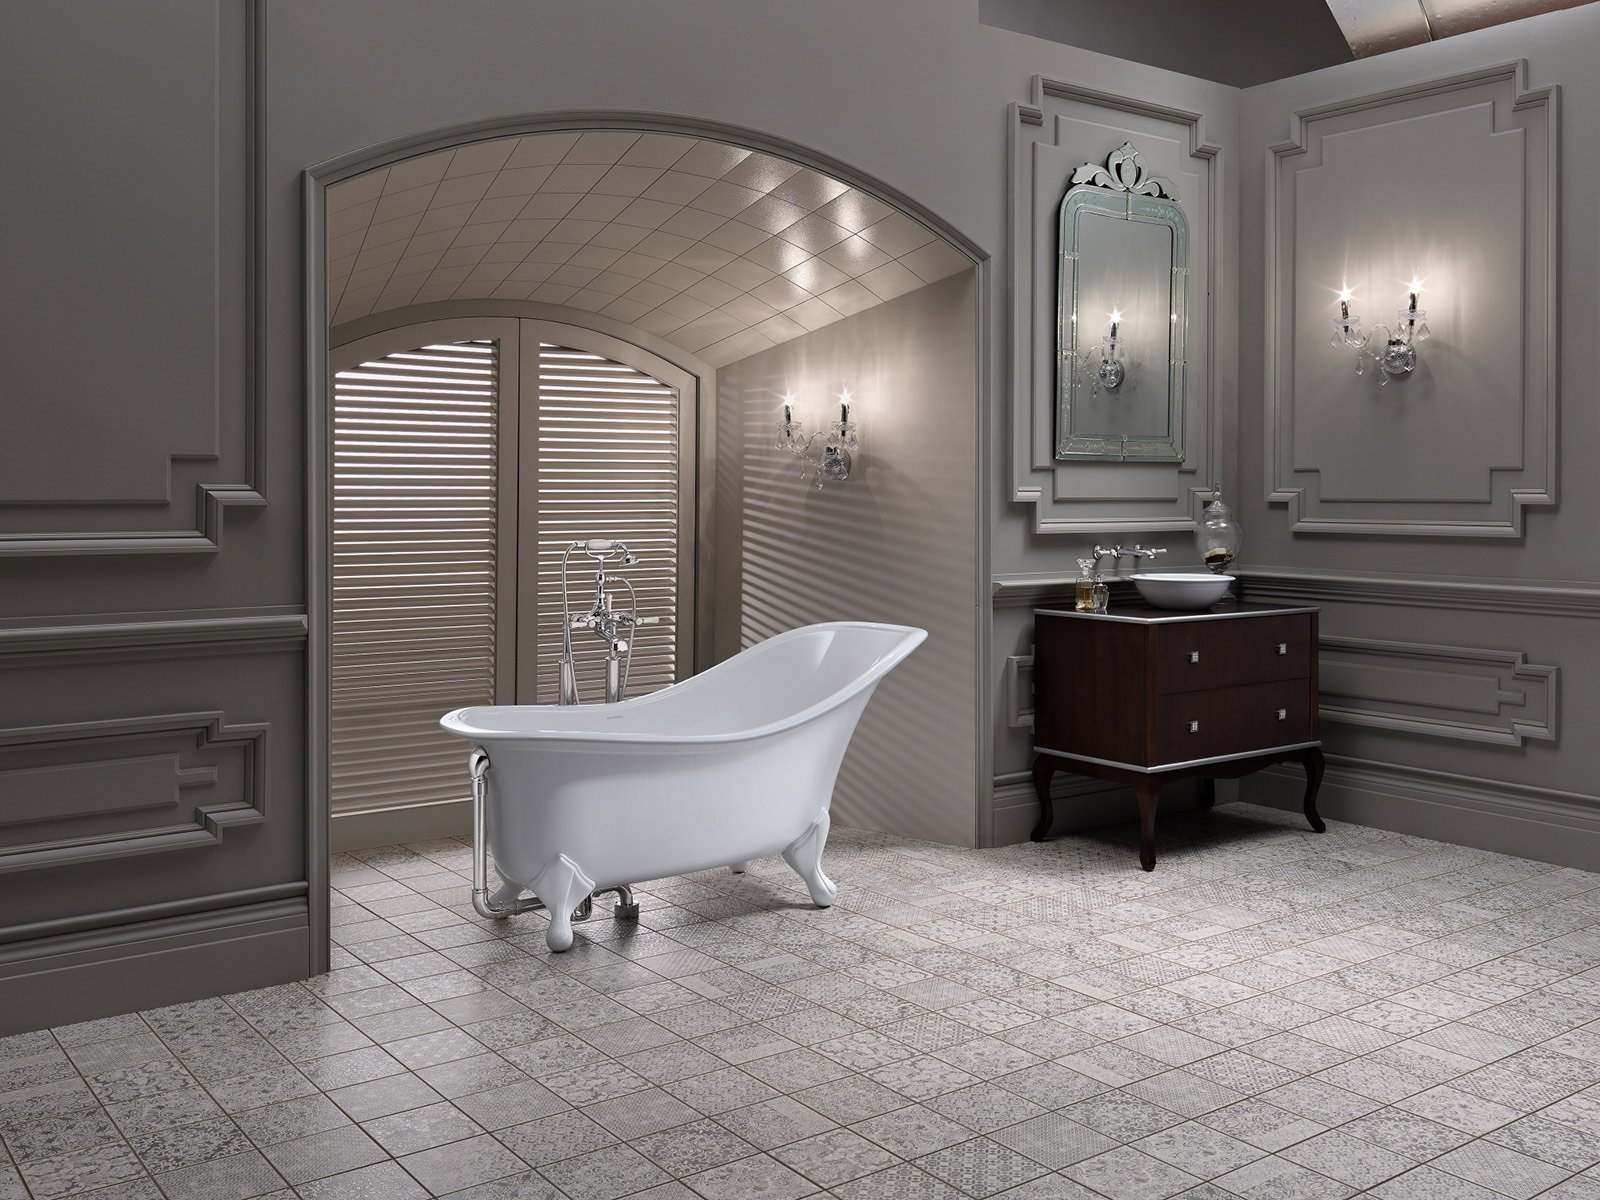 Design week 2014 la vasca da bagno esce dall 39 anonimato - Pulire la vasca da bagno ...